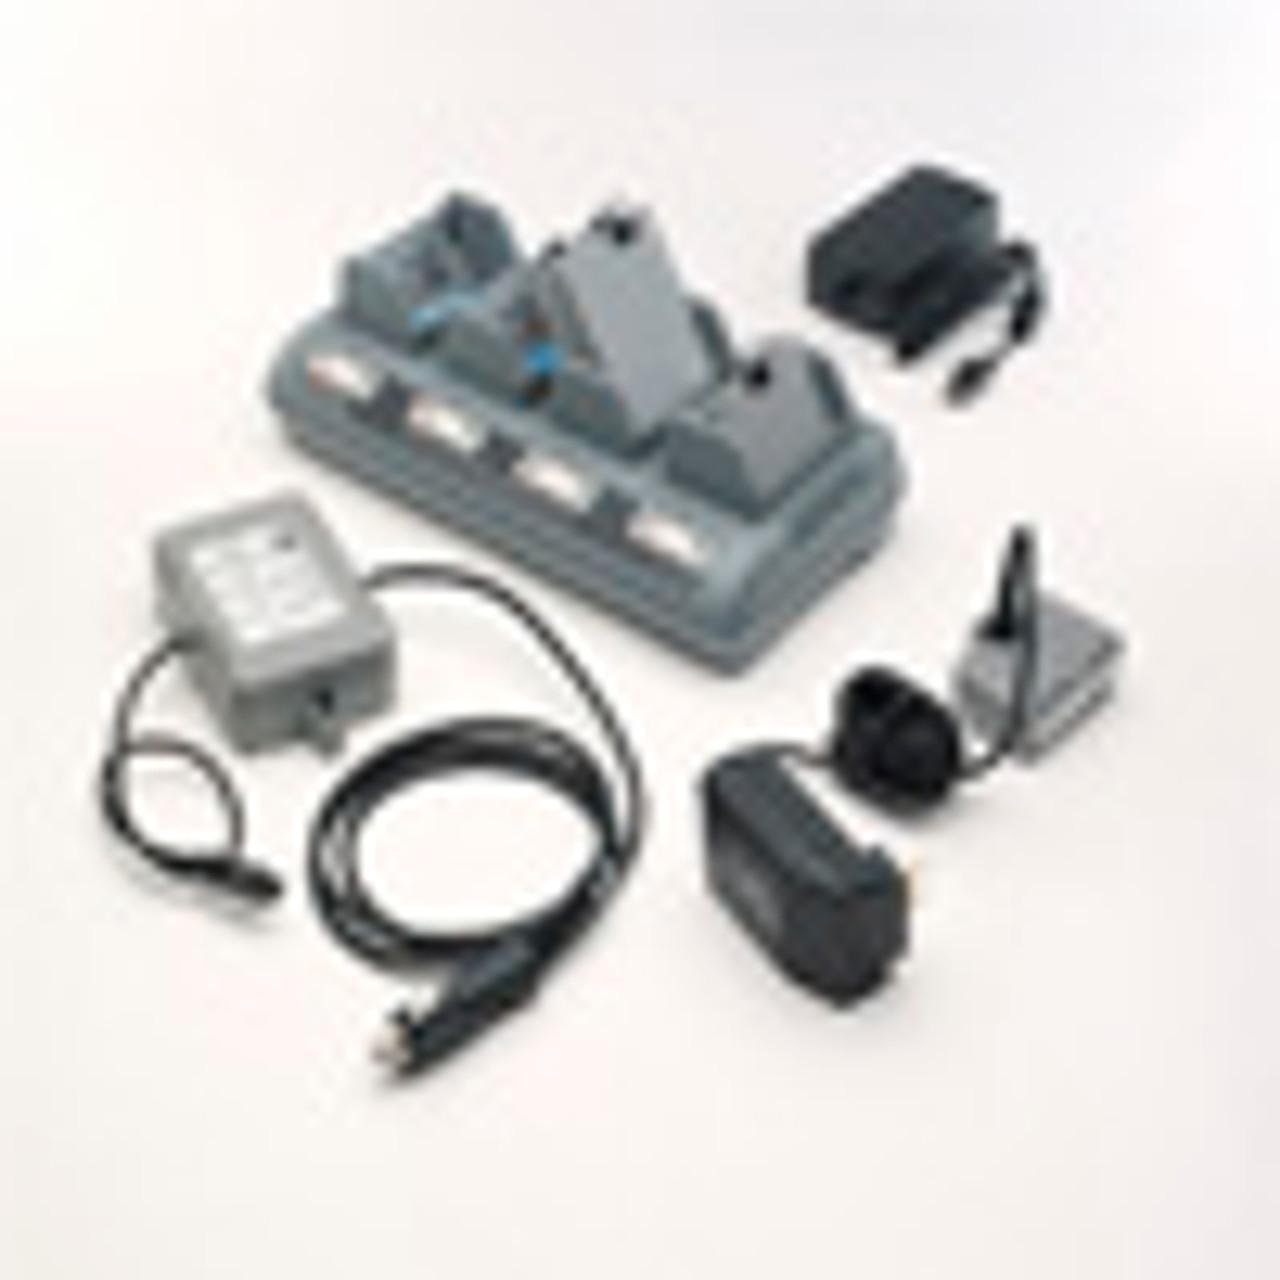 ZM400 Accessories